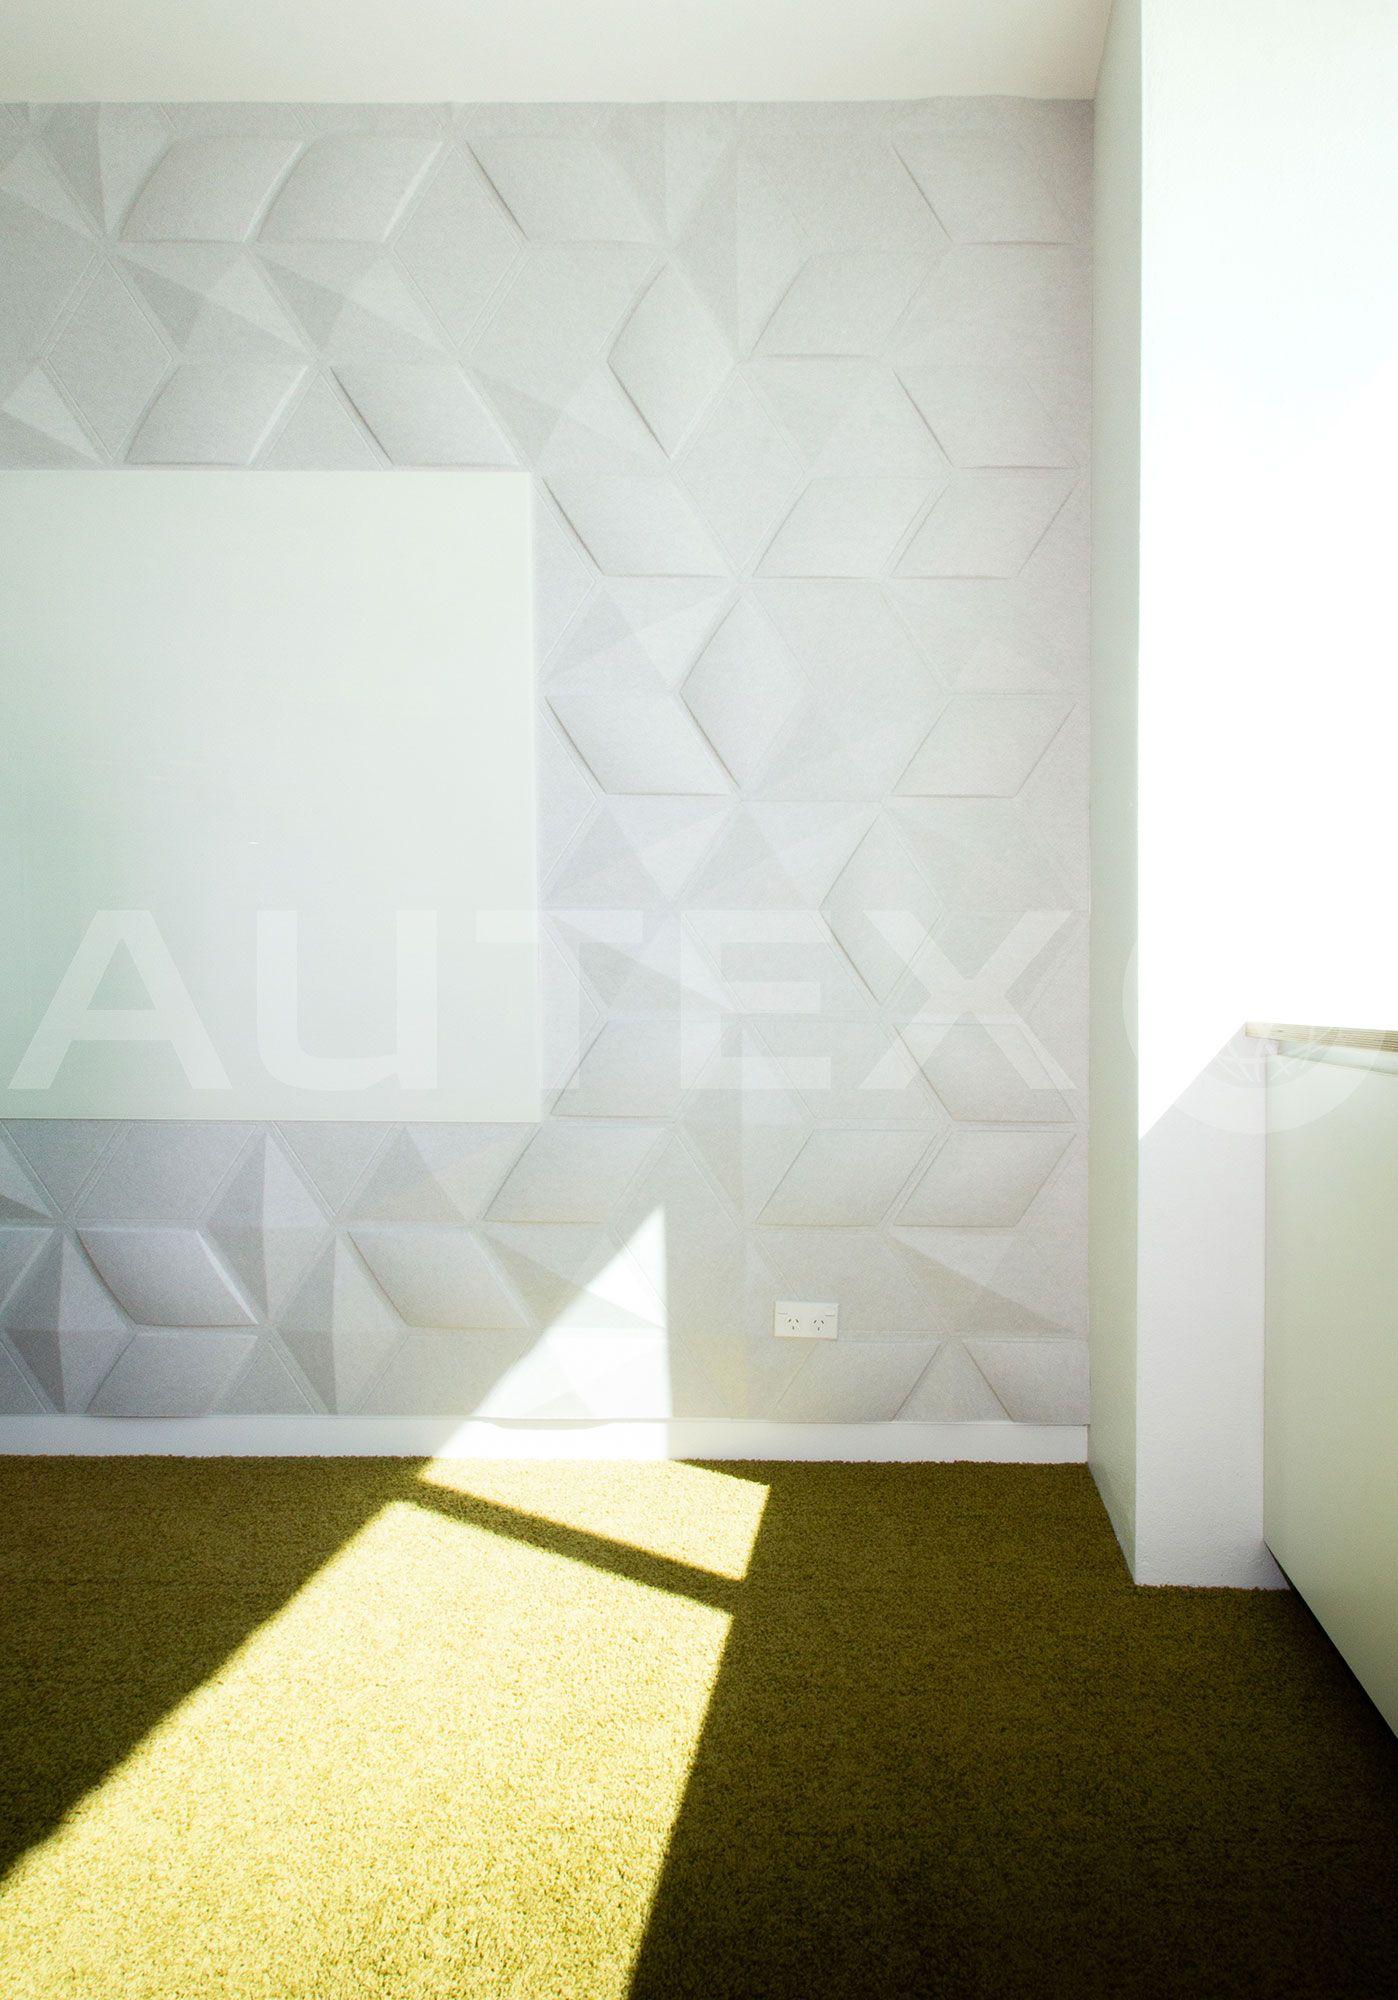 Autex Interior Acoustics - Quietspace® 3D Tiles - Unispace, Auckland